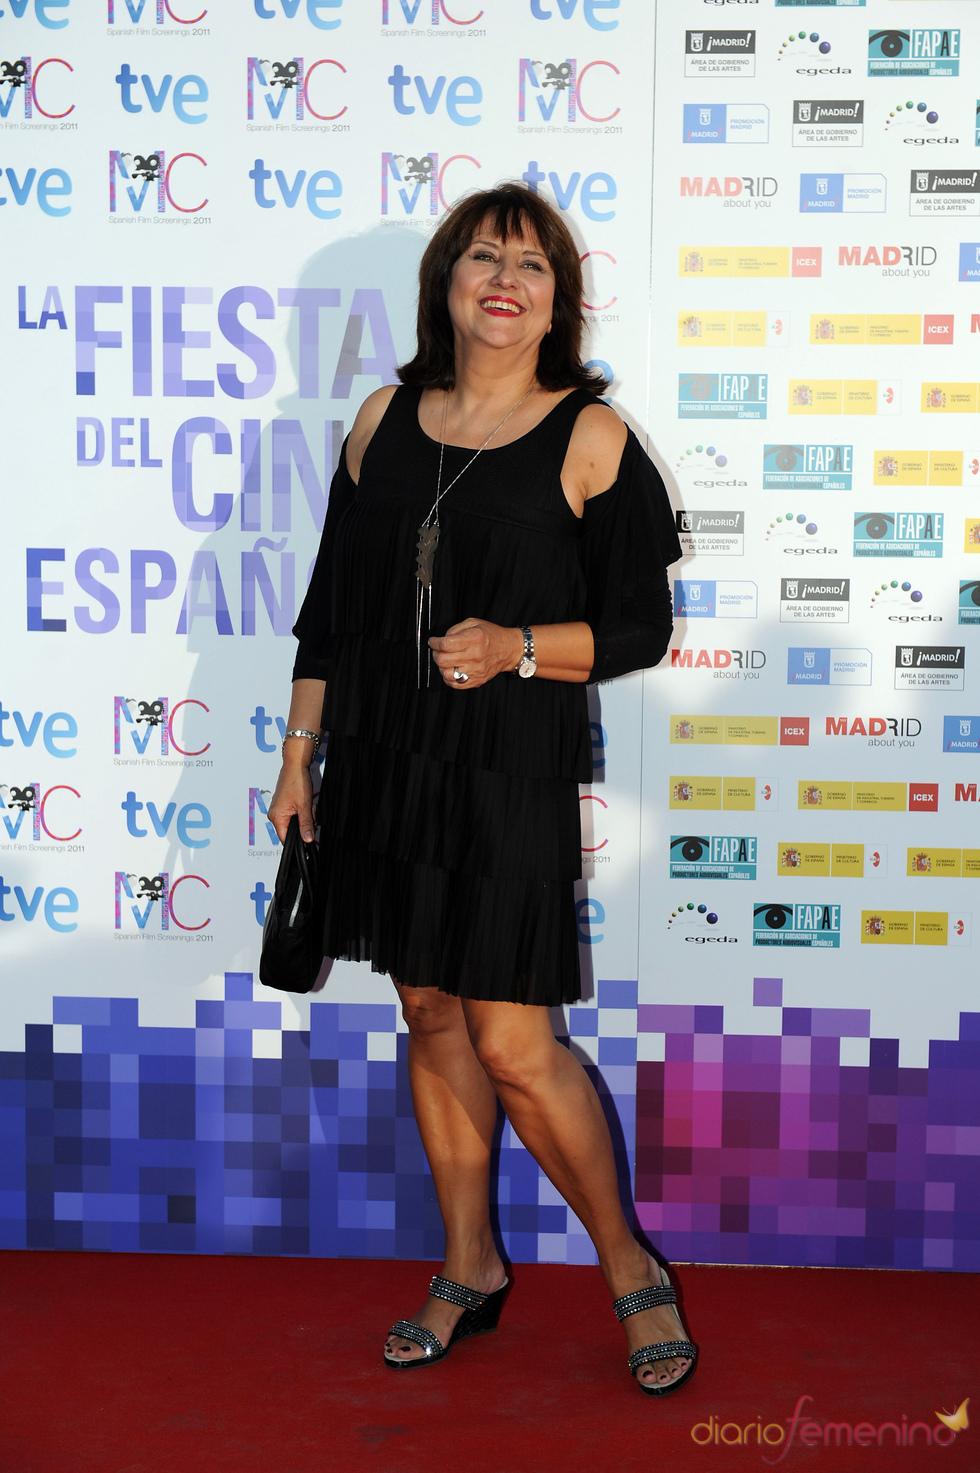 Soledad Mallol en la Fiesta del Cine español